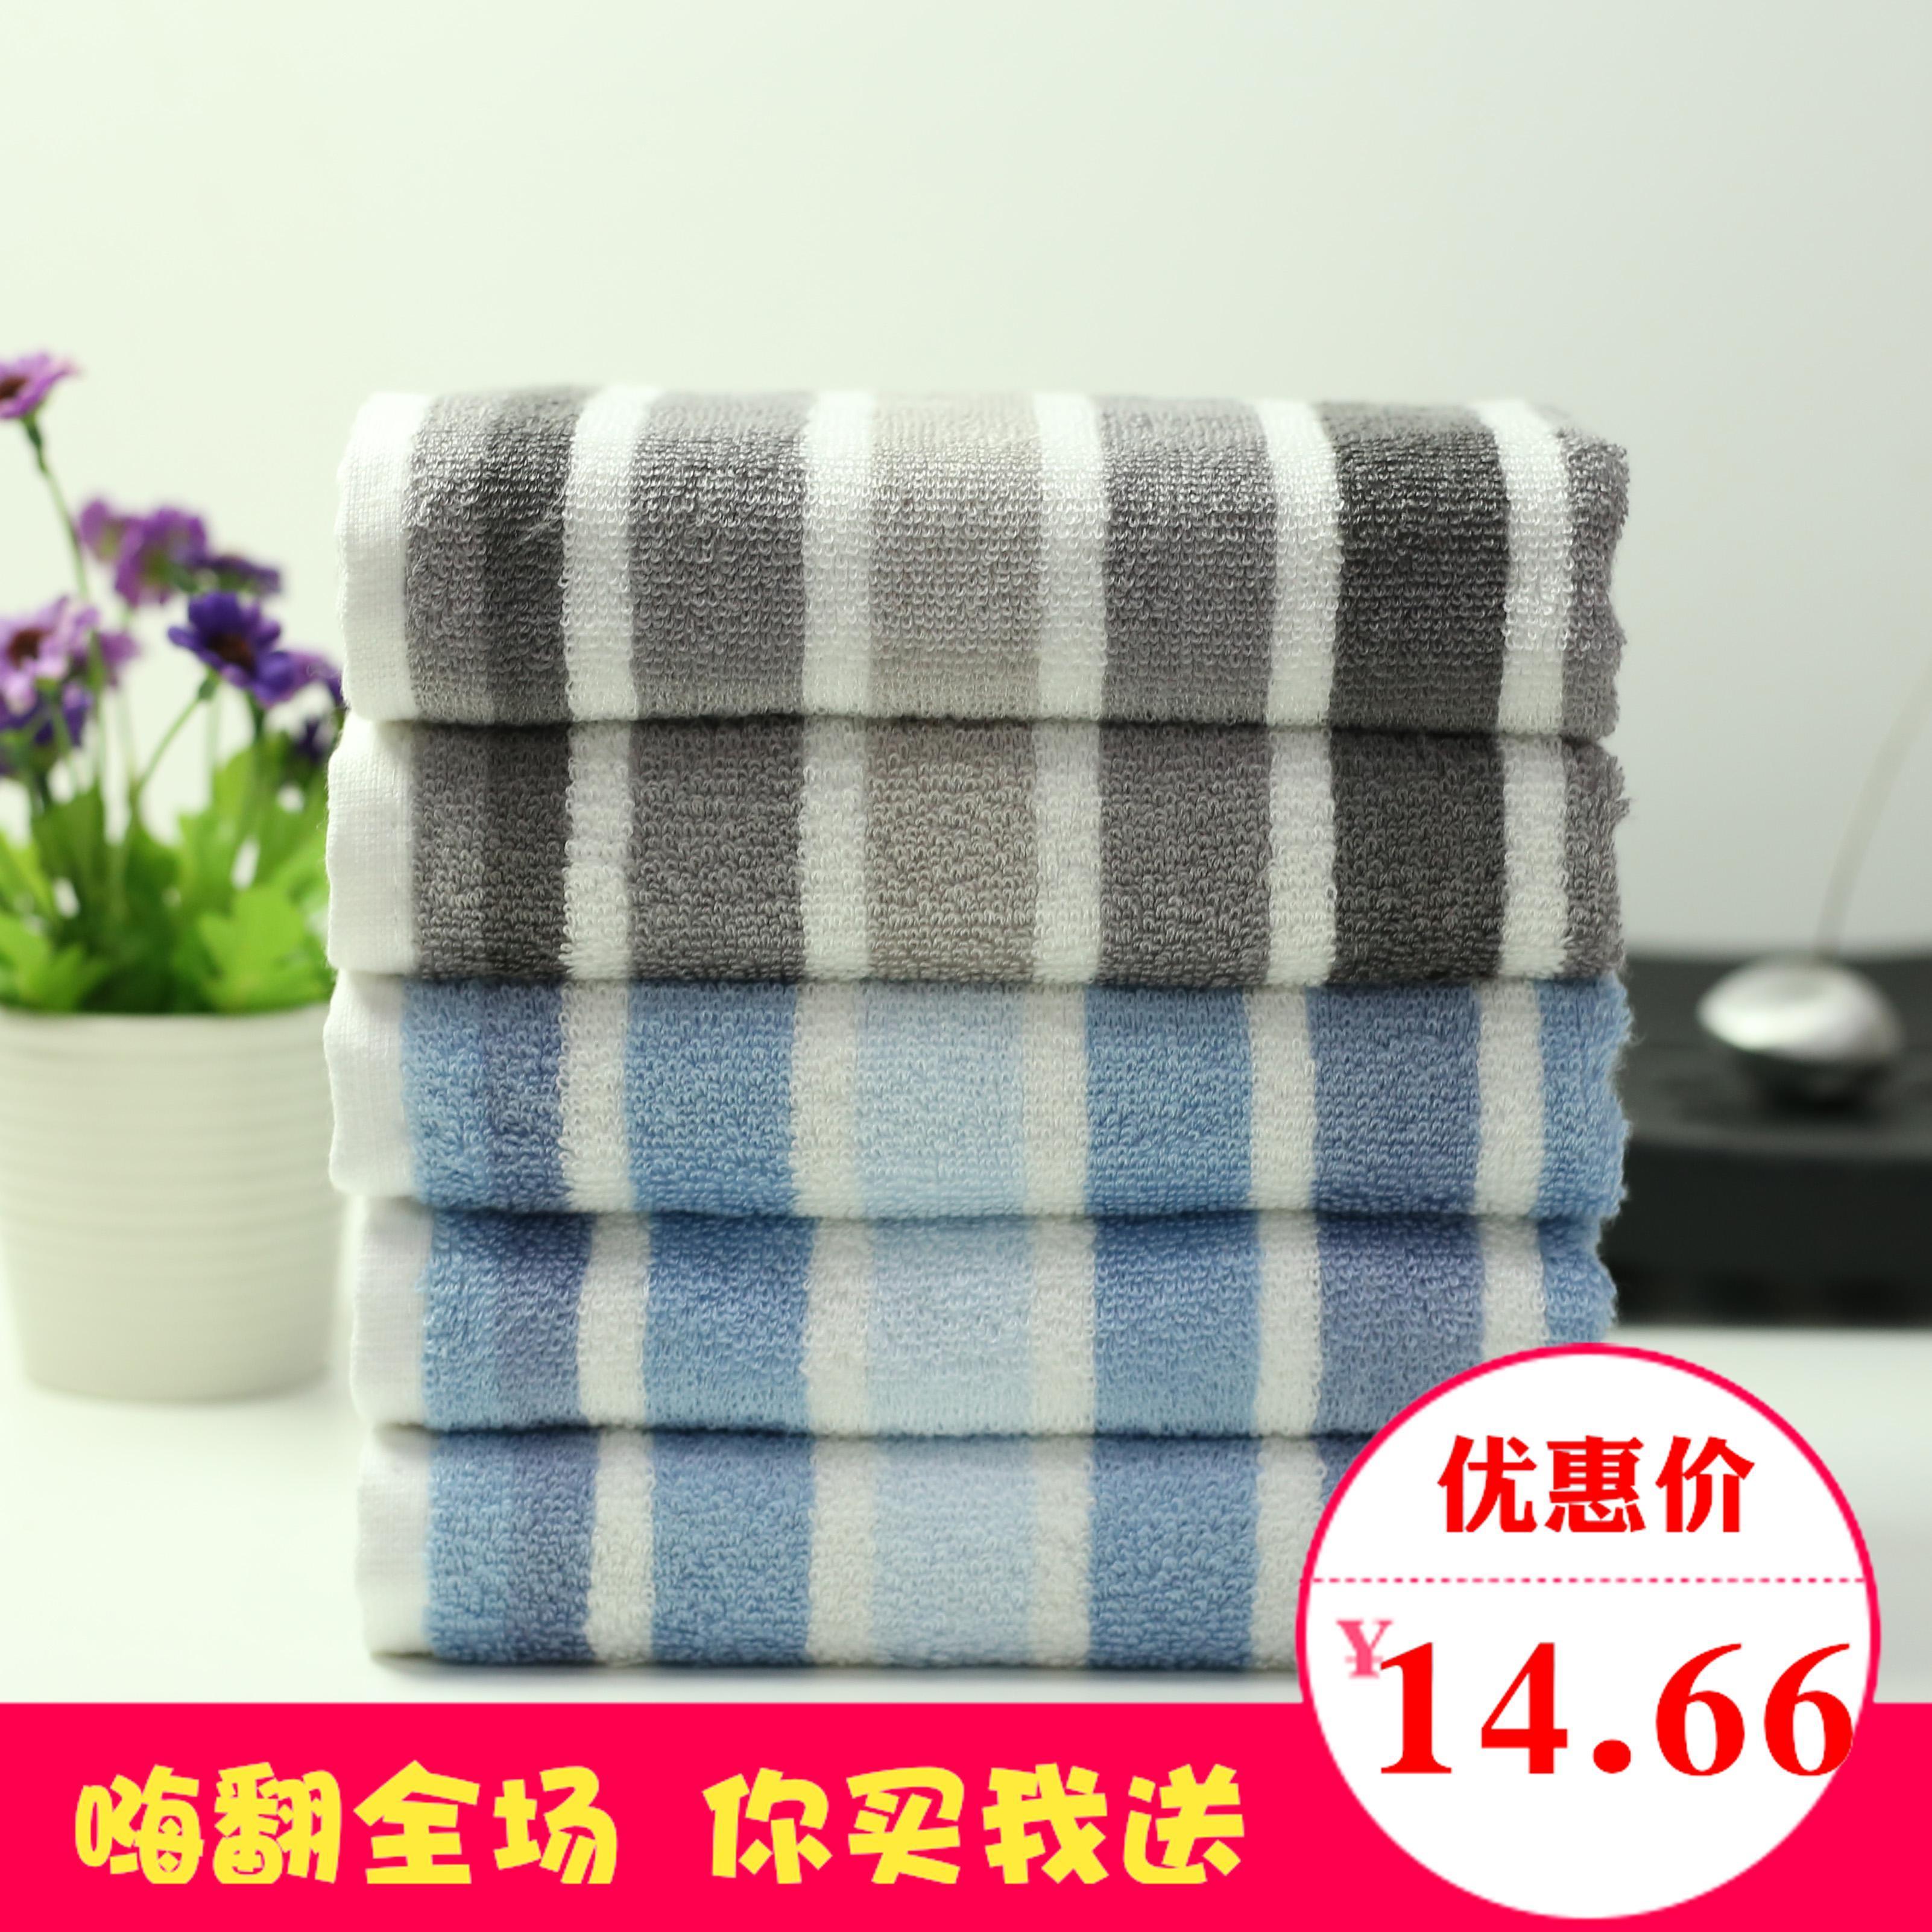 賽益成人タオル竹繊維タオル健康で柔らかい吸水美容タオルカップル洗顔タオル